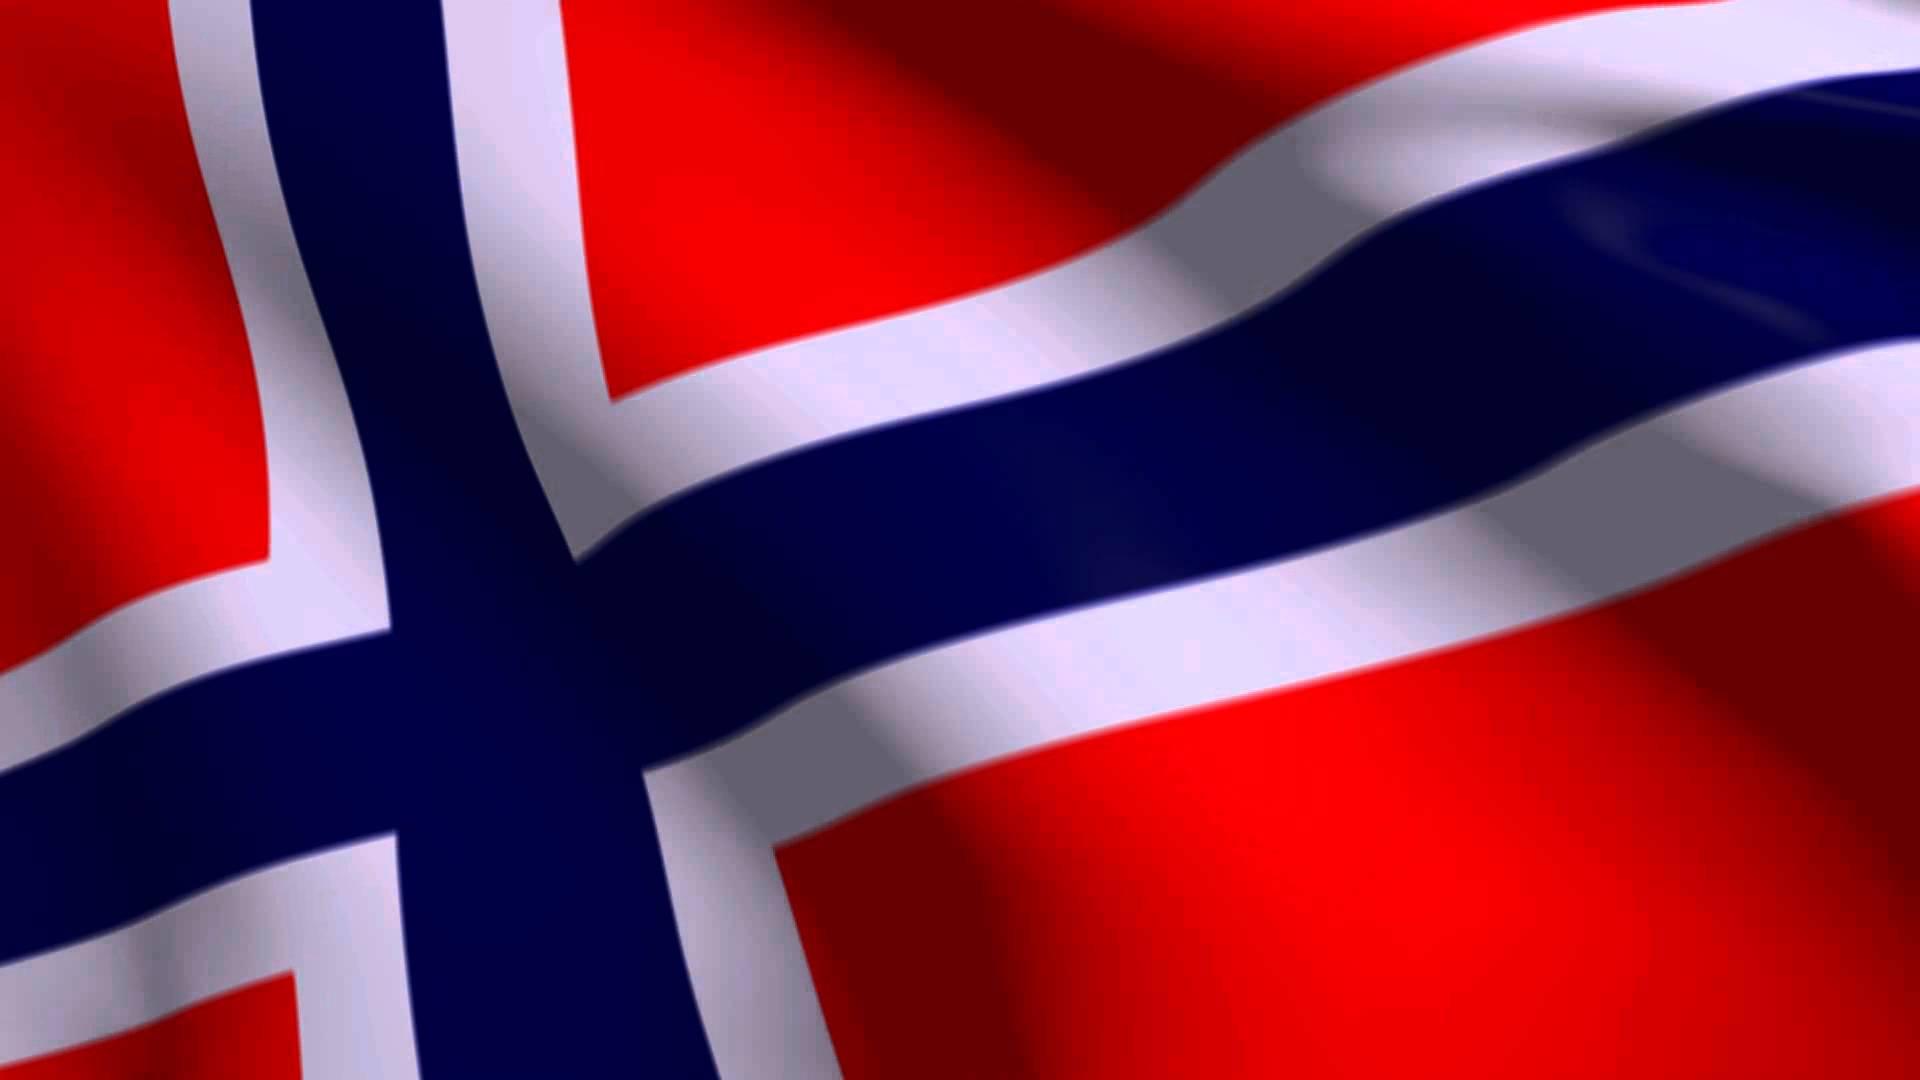 Elvis 3d Wallpaper Ja Vi Elsker Norsk Musikk Spilleliste For Nasjonaldagen